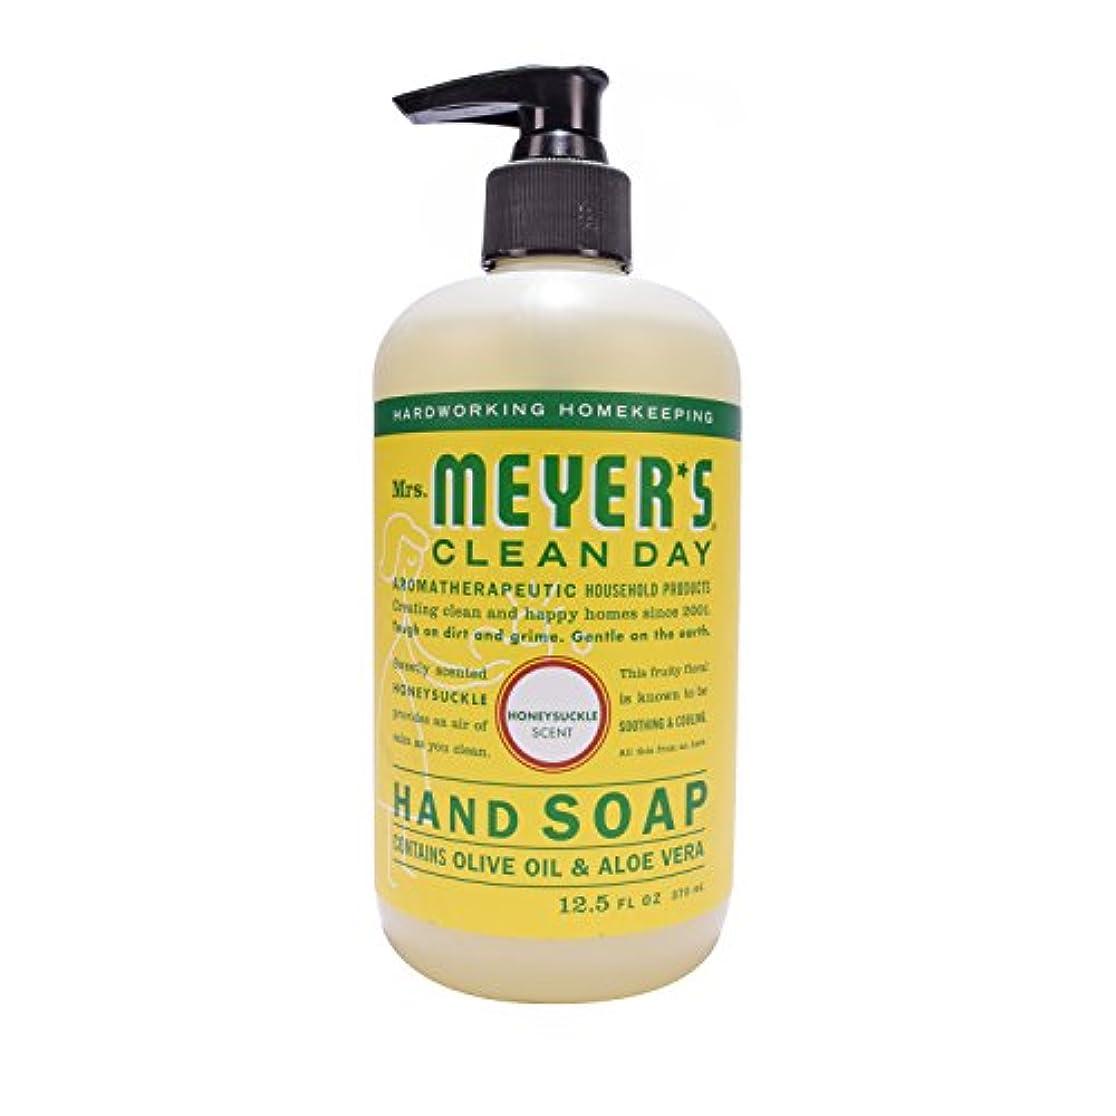 該当するインシデント非公式Mrs. Meyer's Clean Day Hand Soap Liquid, Honeysuckle, 12.5-Fluid Ounce Bottles by Mrs. Meyer's Clean Day